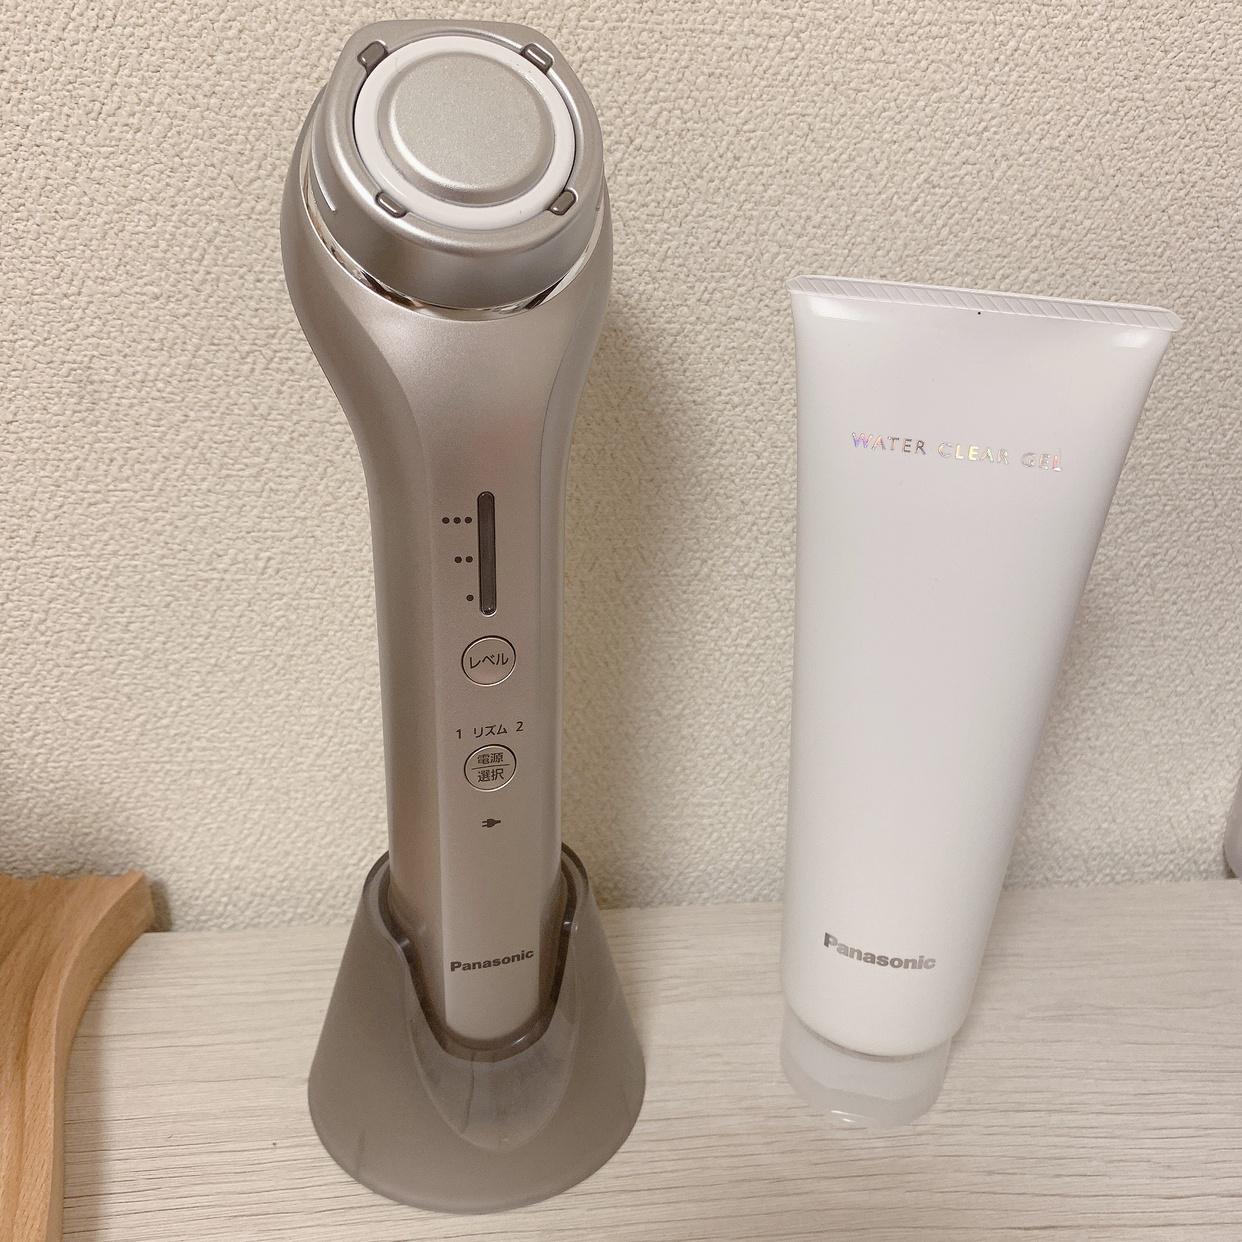 Panasonic(パナソニック)RF美顔器 EH-SR72を使った⸝⸝⸝⸝ 𝑒𝑘𝑎さんのクチコミ画像2